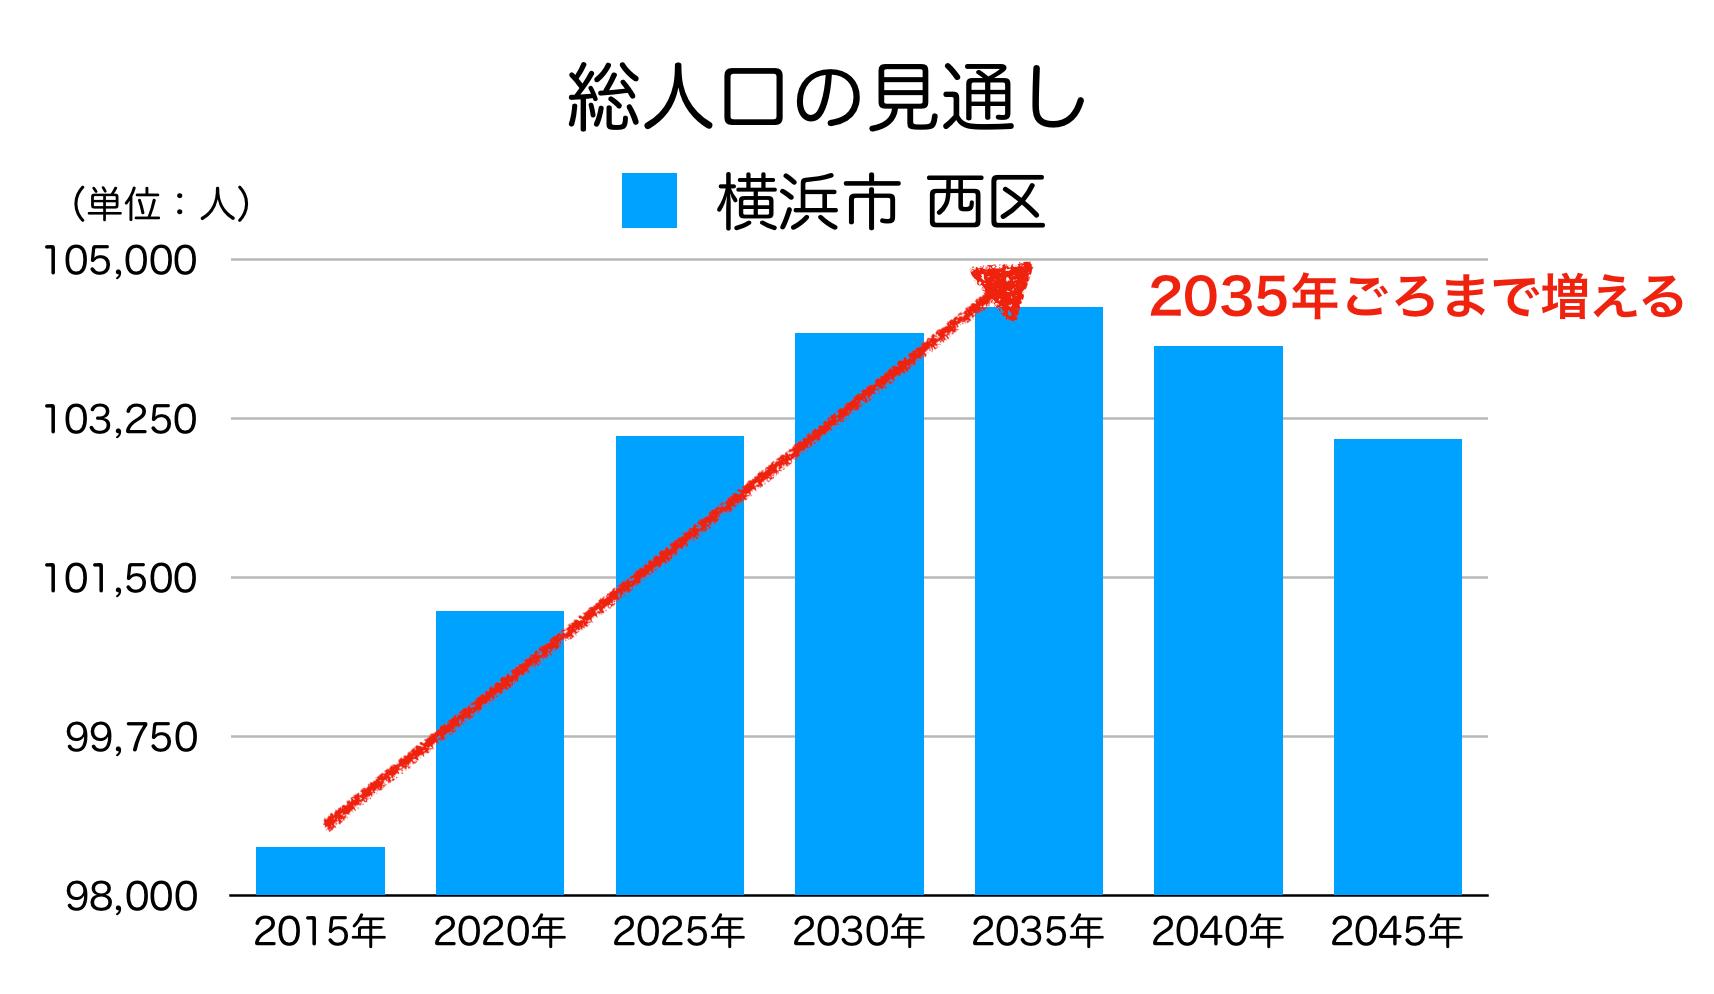 横浜市西区の人口予測